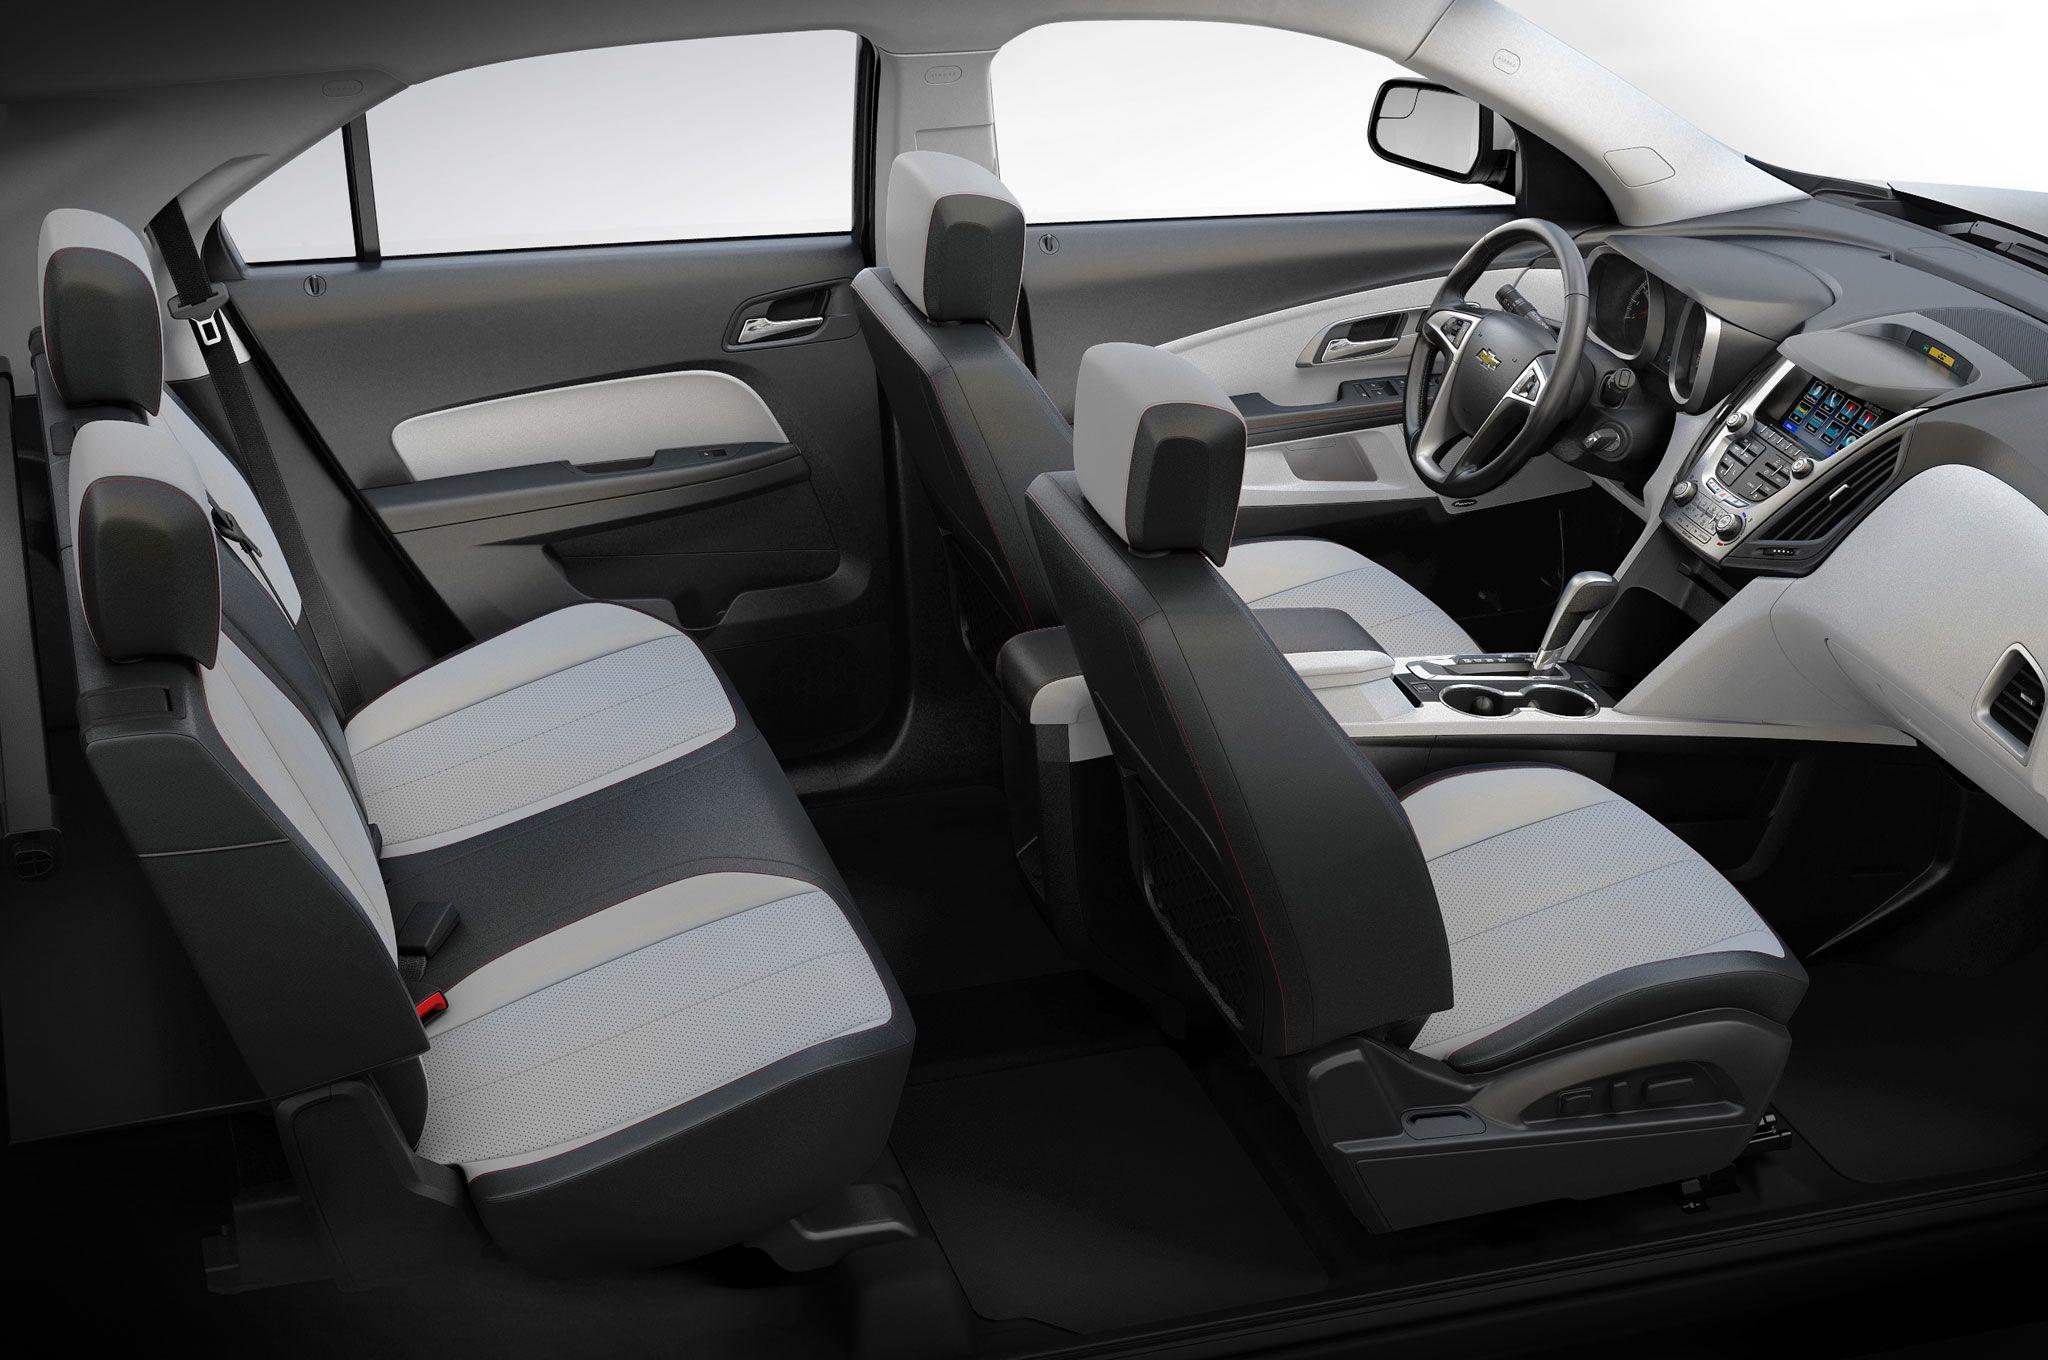 2016 Chevrolet Equinox Interior Images 2016 Chevrolet Equniox